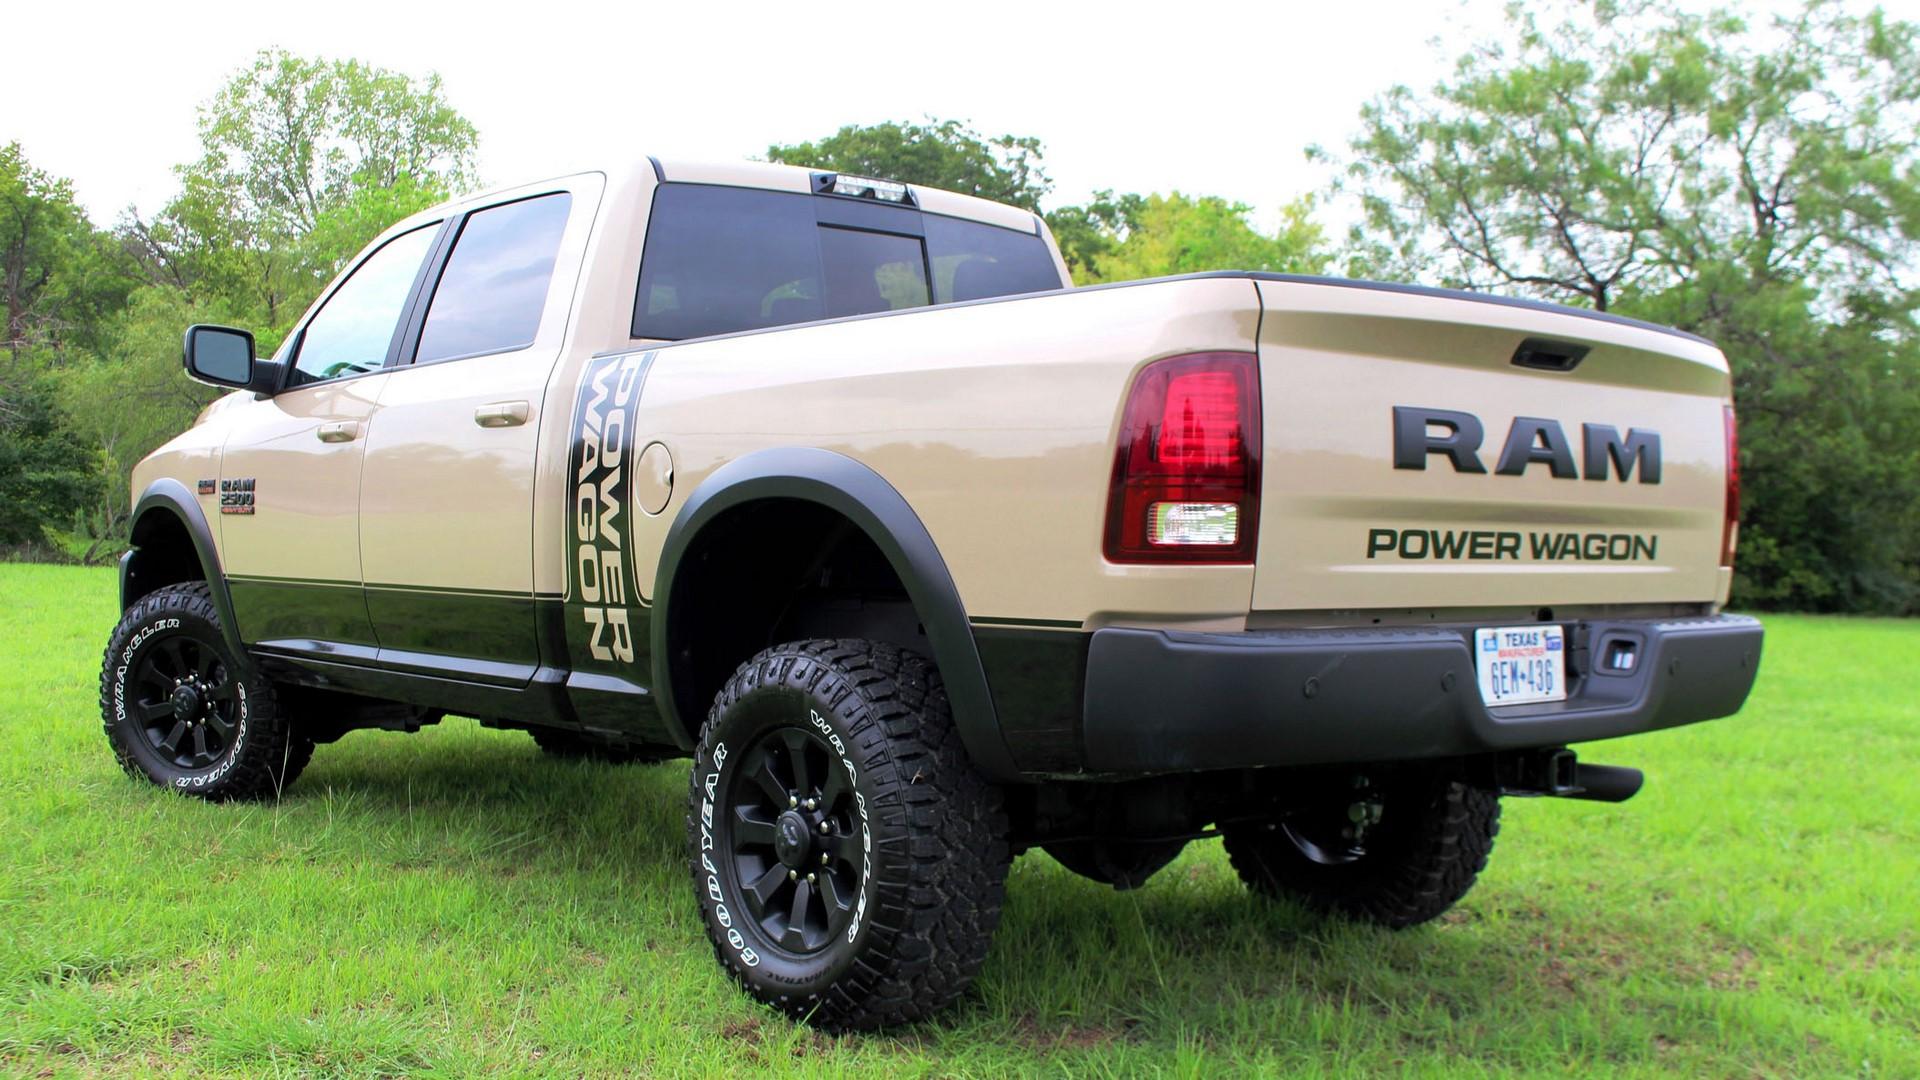 ram-2500-powerwagon-back-corner-2-1